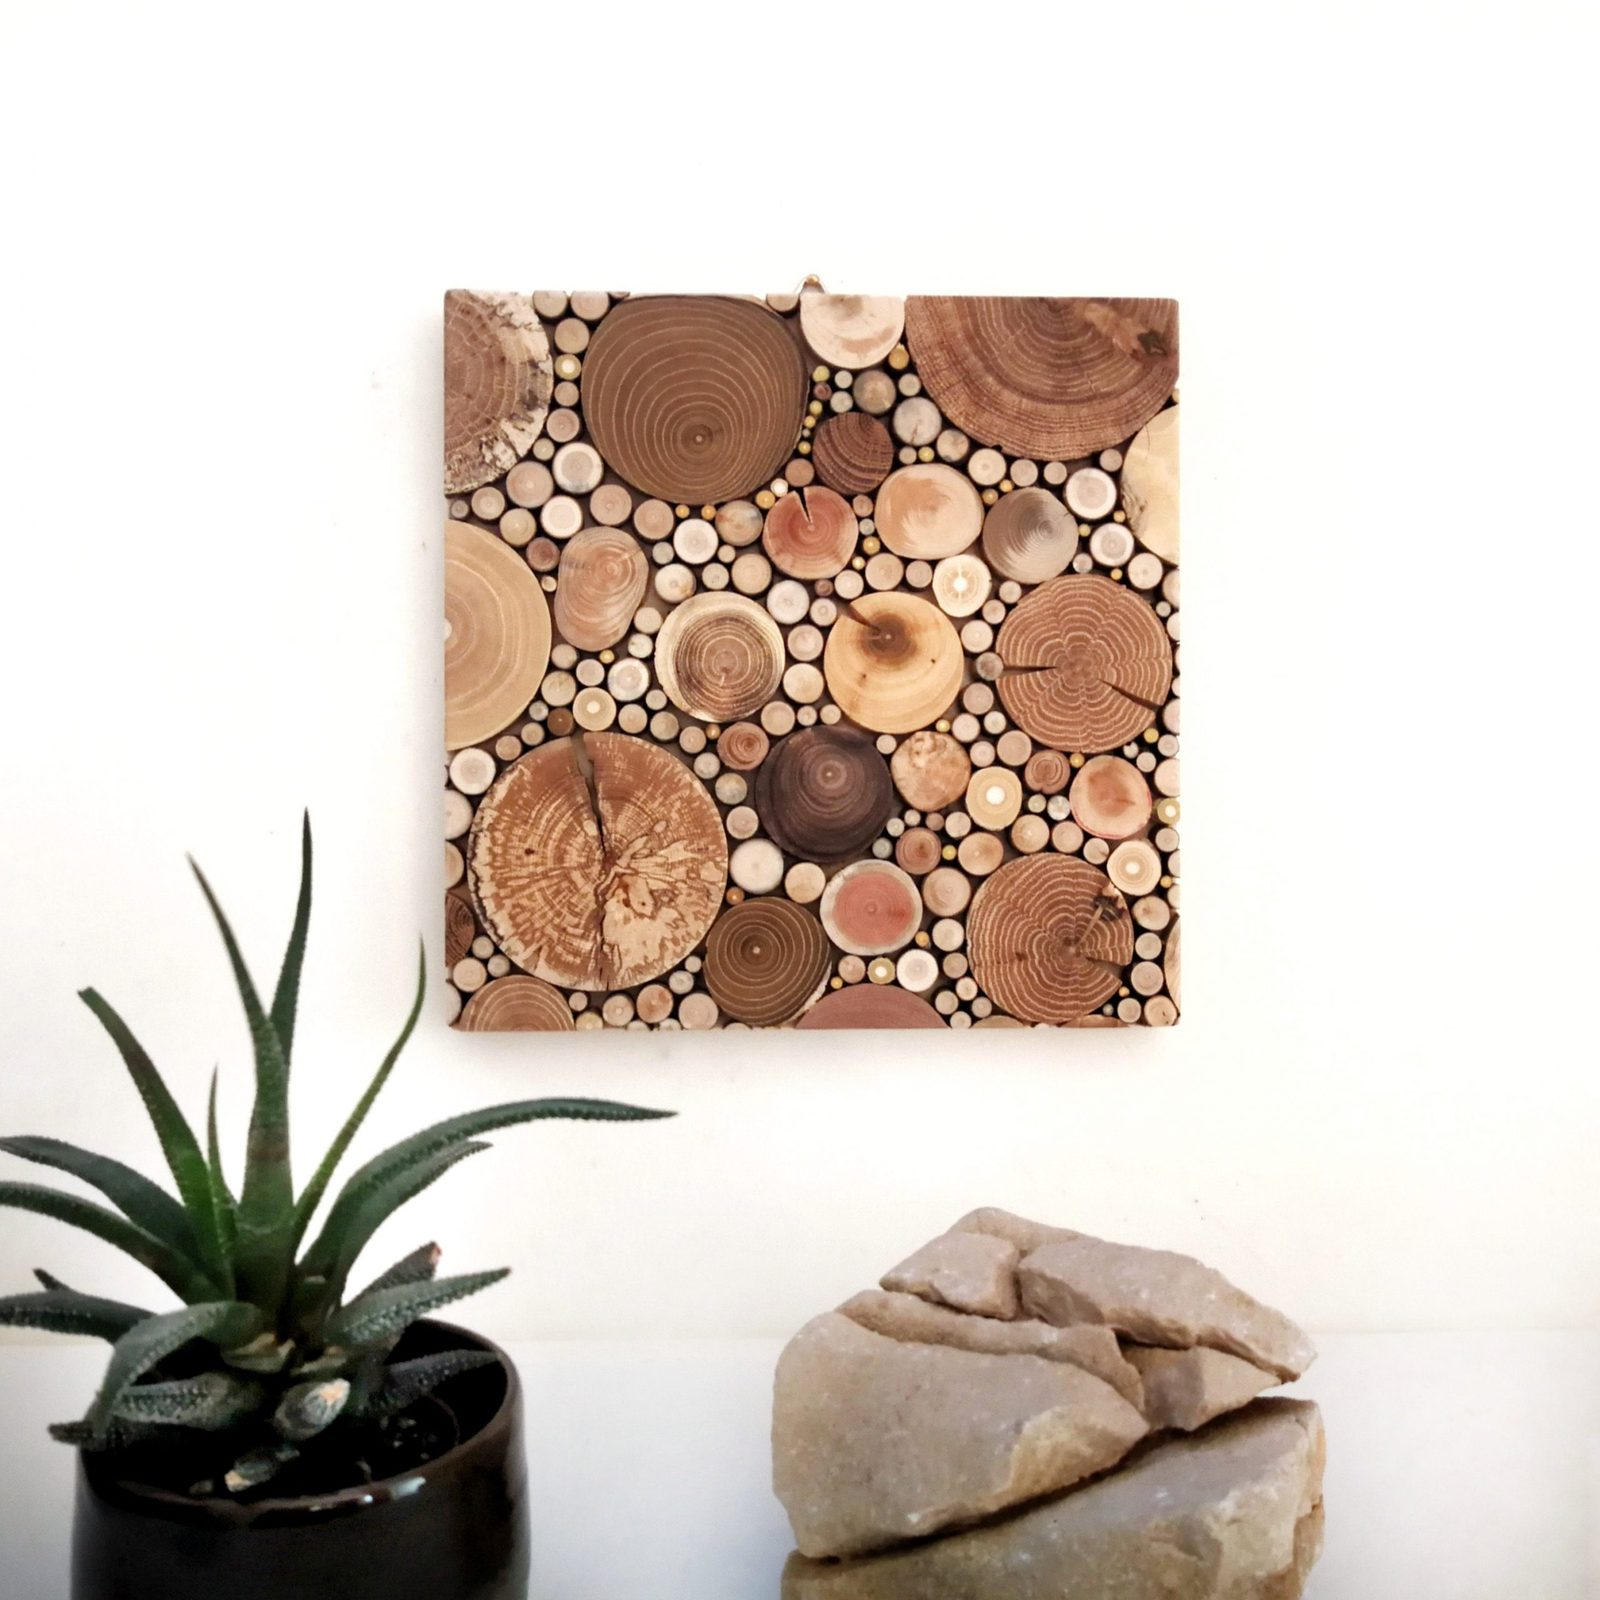 Square Wood Mosaic Wall Art